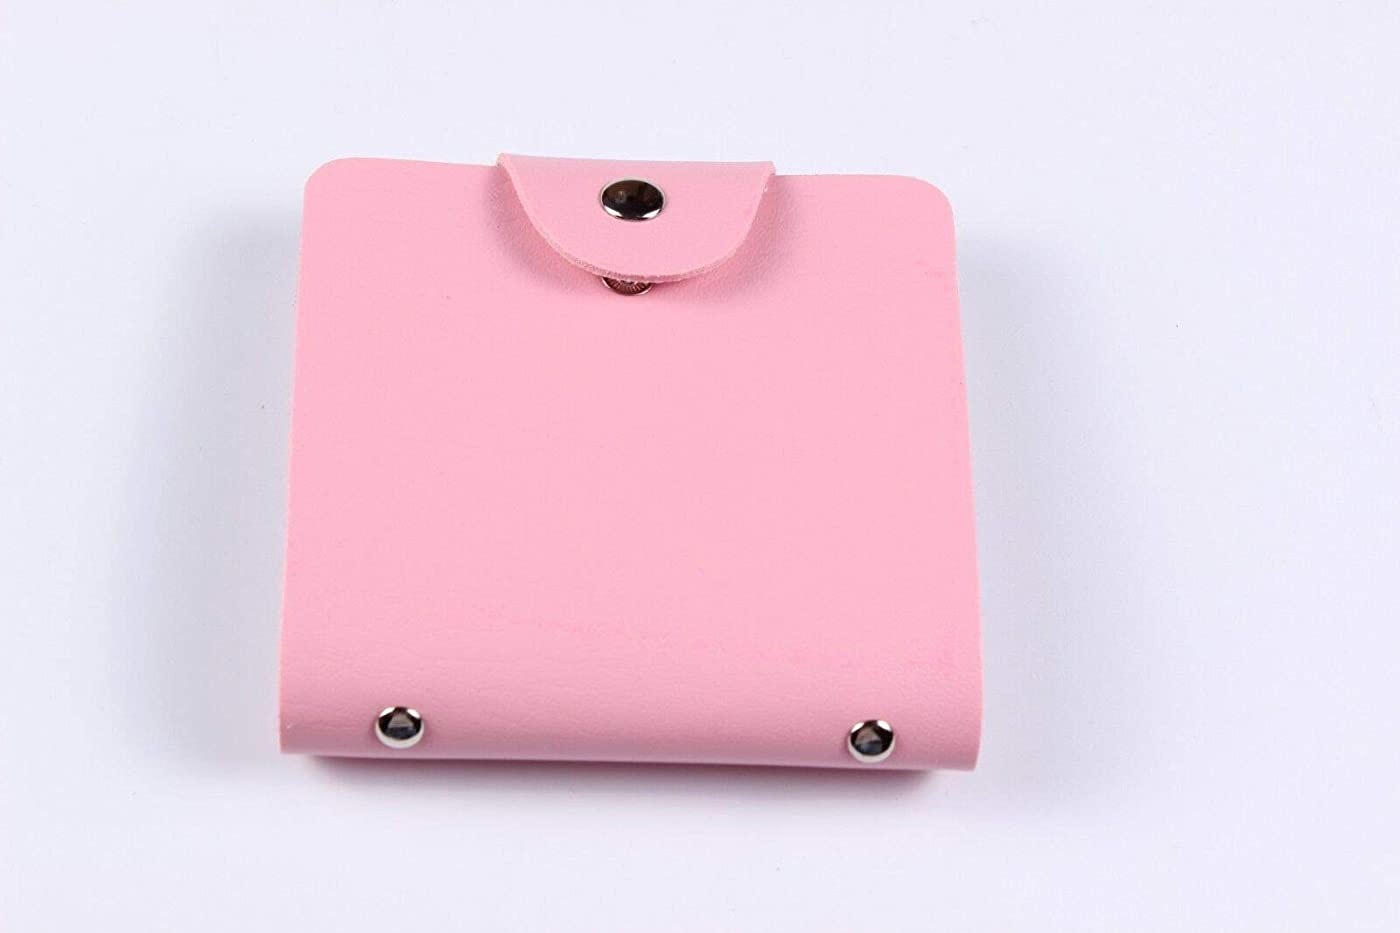 おもちゃ拒絶がっかりするFidgetGear ネイルイメージスタンププレートスタンピングマニキュアネイルアートの装飾7.0 cmプレートオーガナイザー ライトピンク